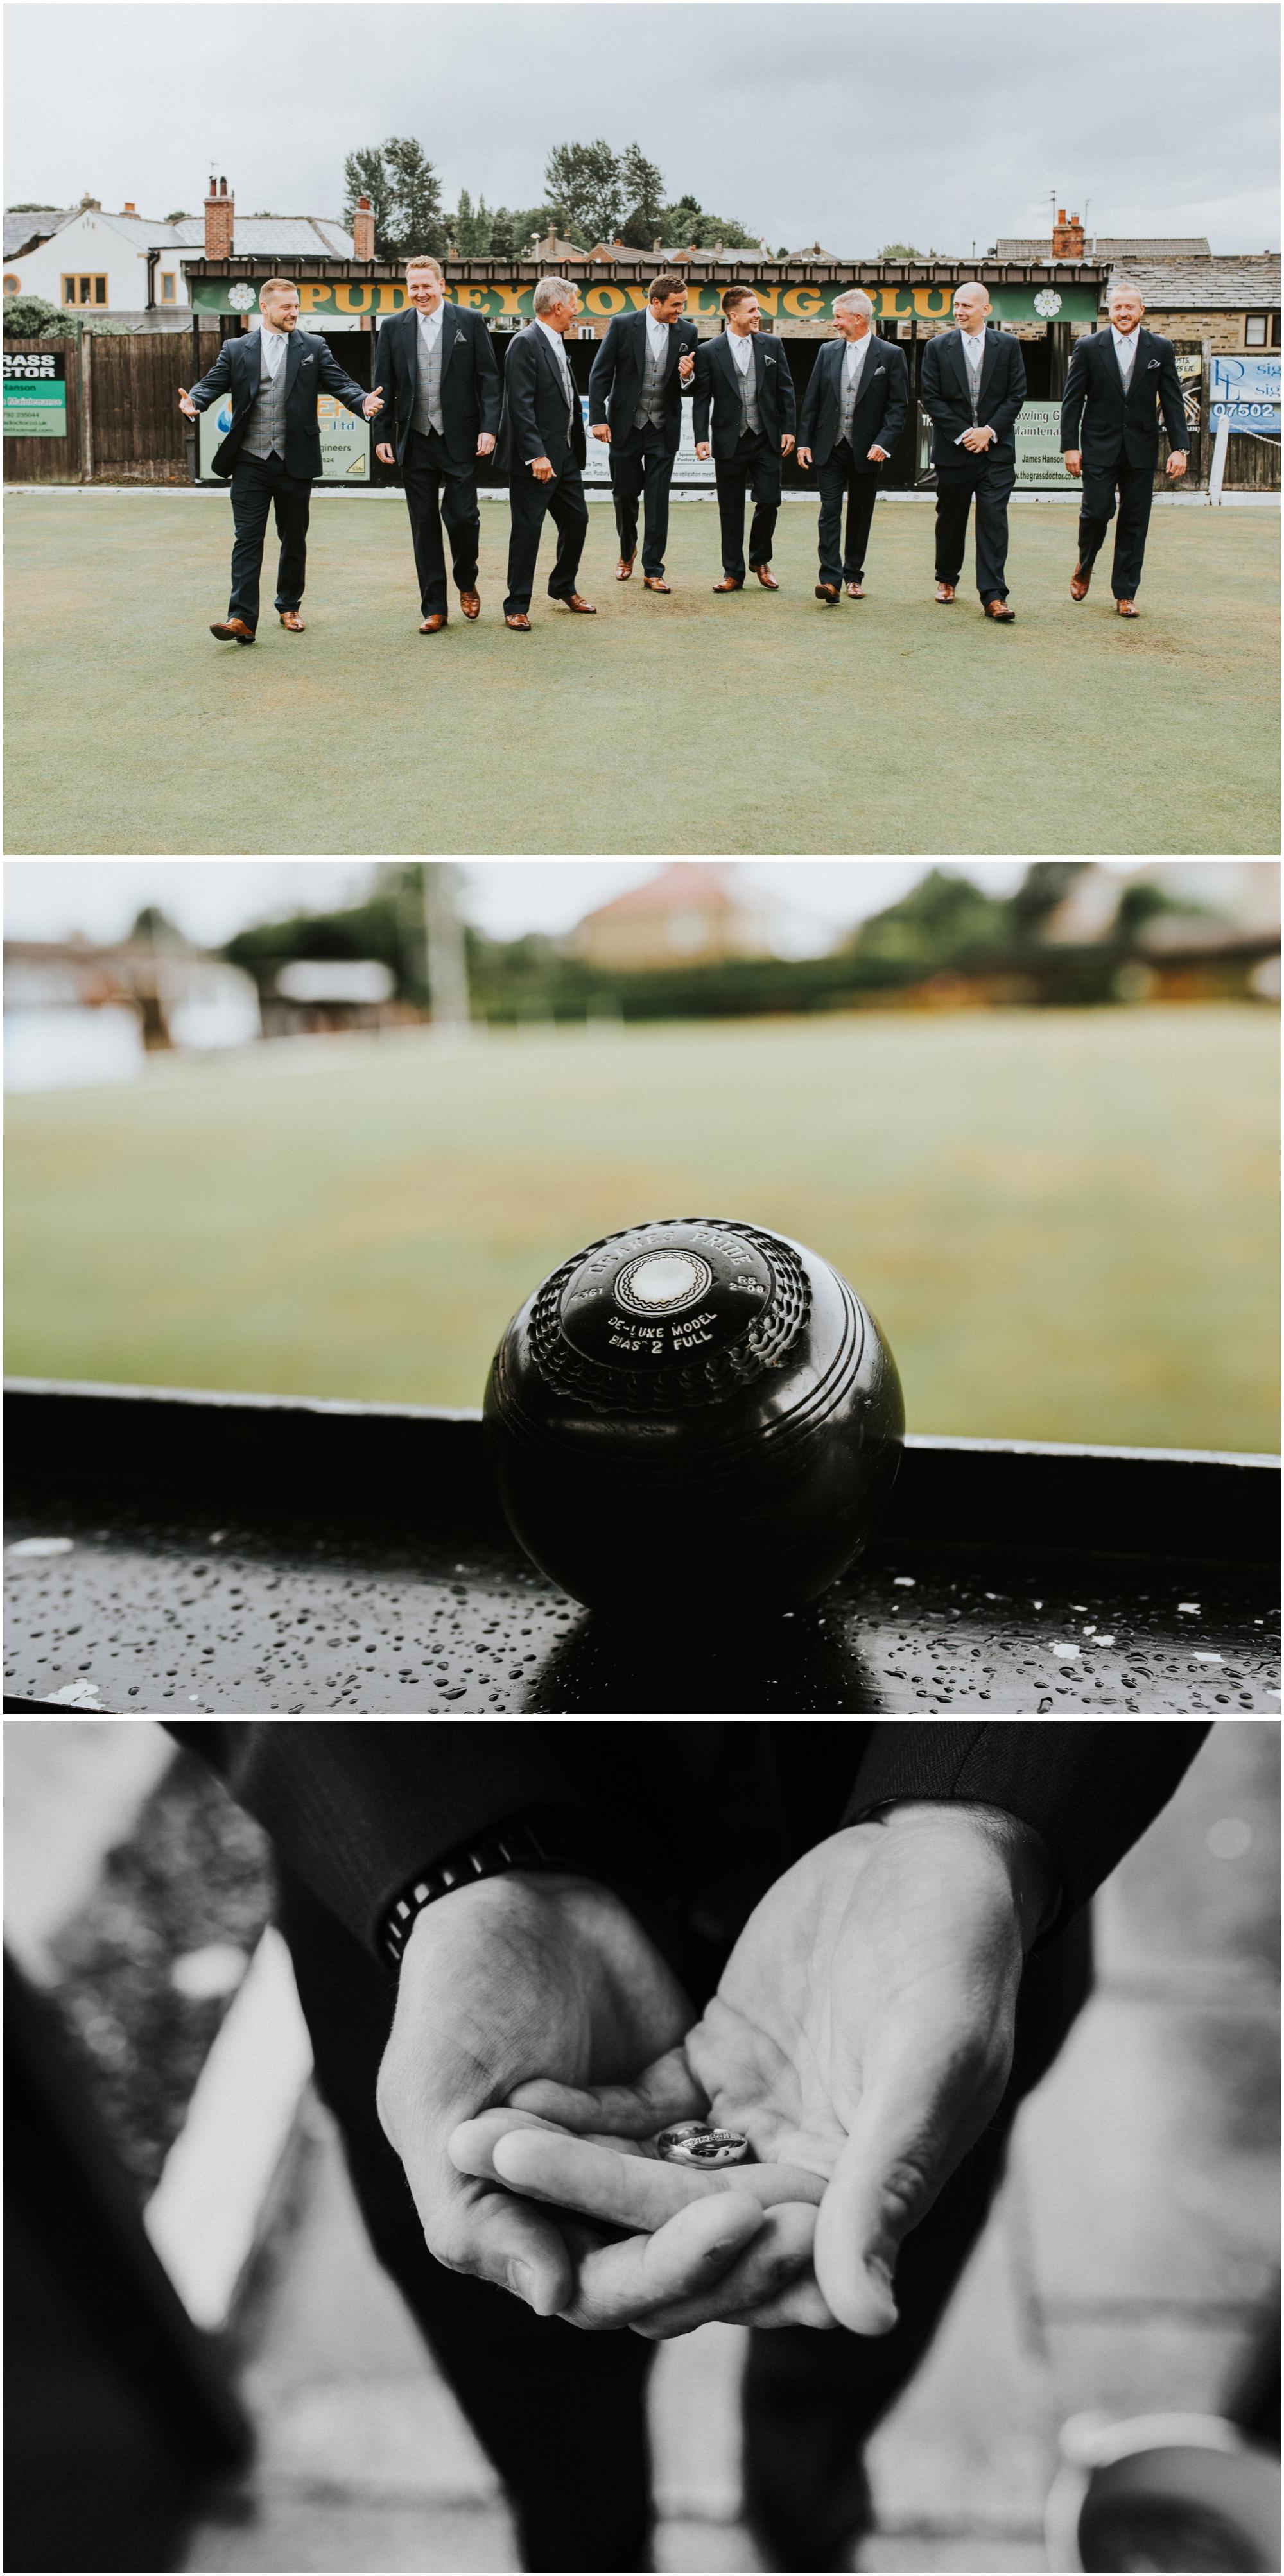 BagdenHallWedding-LukeHolroyd-Yorkshirewedding_0005.jpg